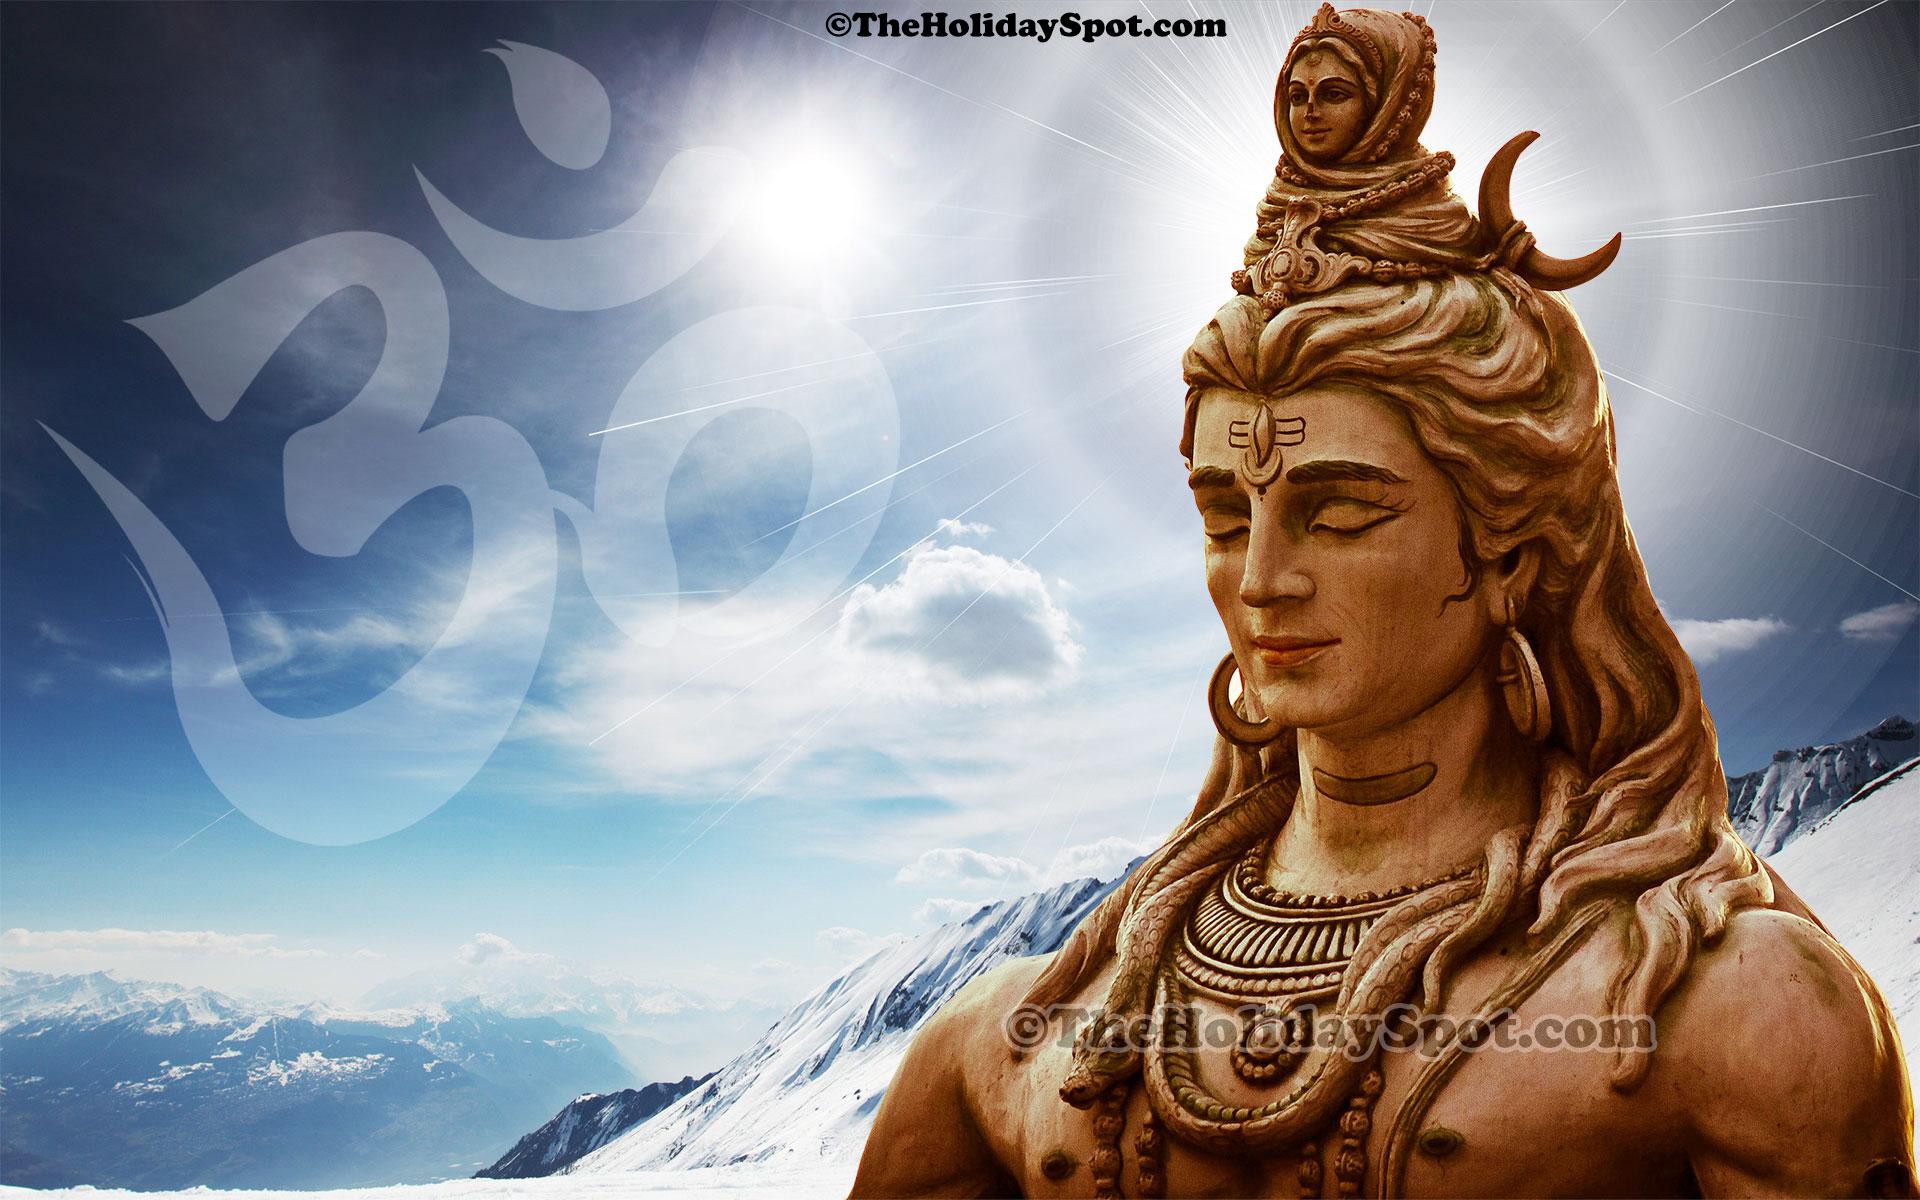 shivratri wallpapers shivratri images shivratri wallpapers shivratri images